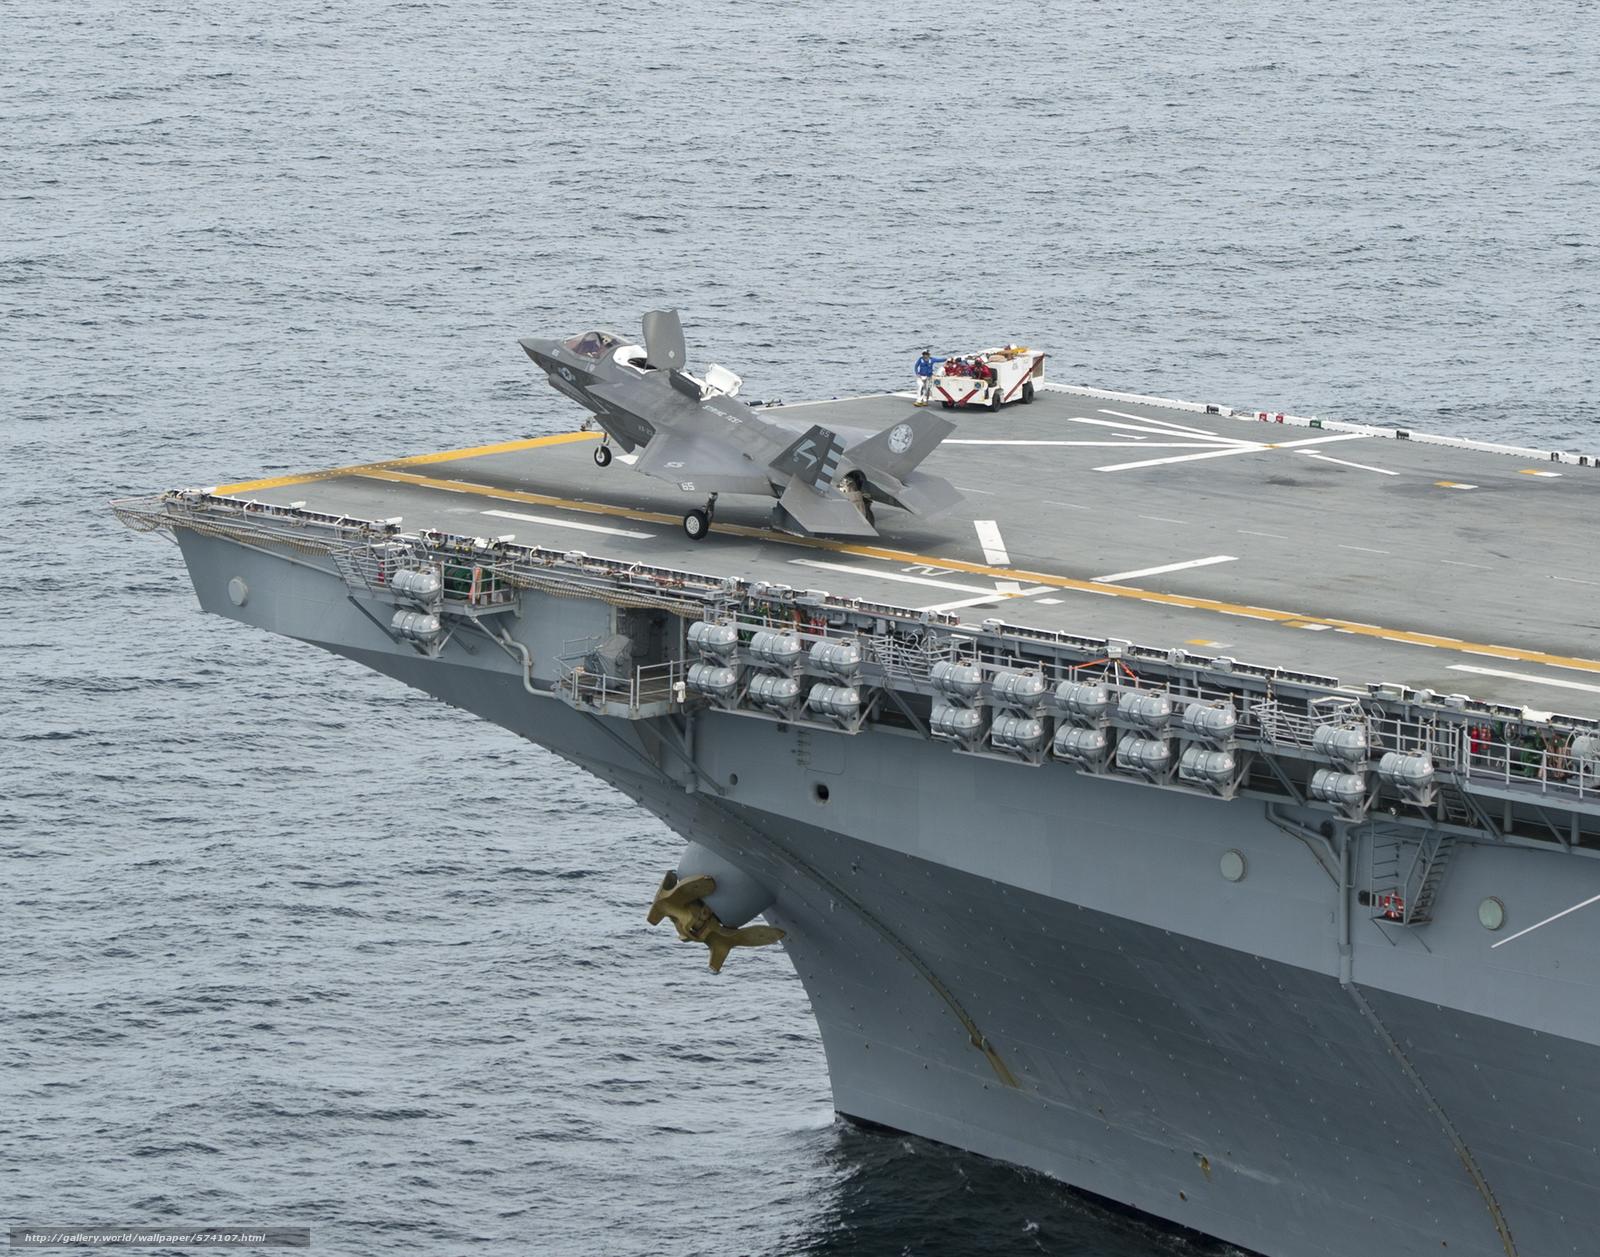 Скачать обои палуба,  уникальный,  американский,  универсальный десантный корабль бесплатно для рабочего стола в разрешении 3000x2357 — картинка №574107